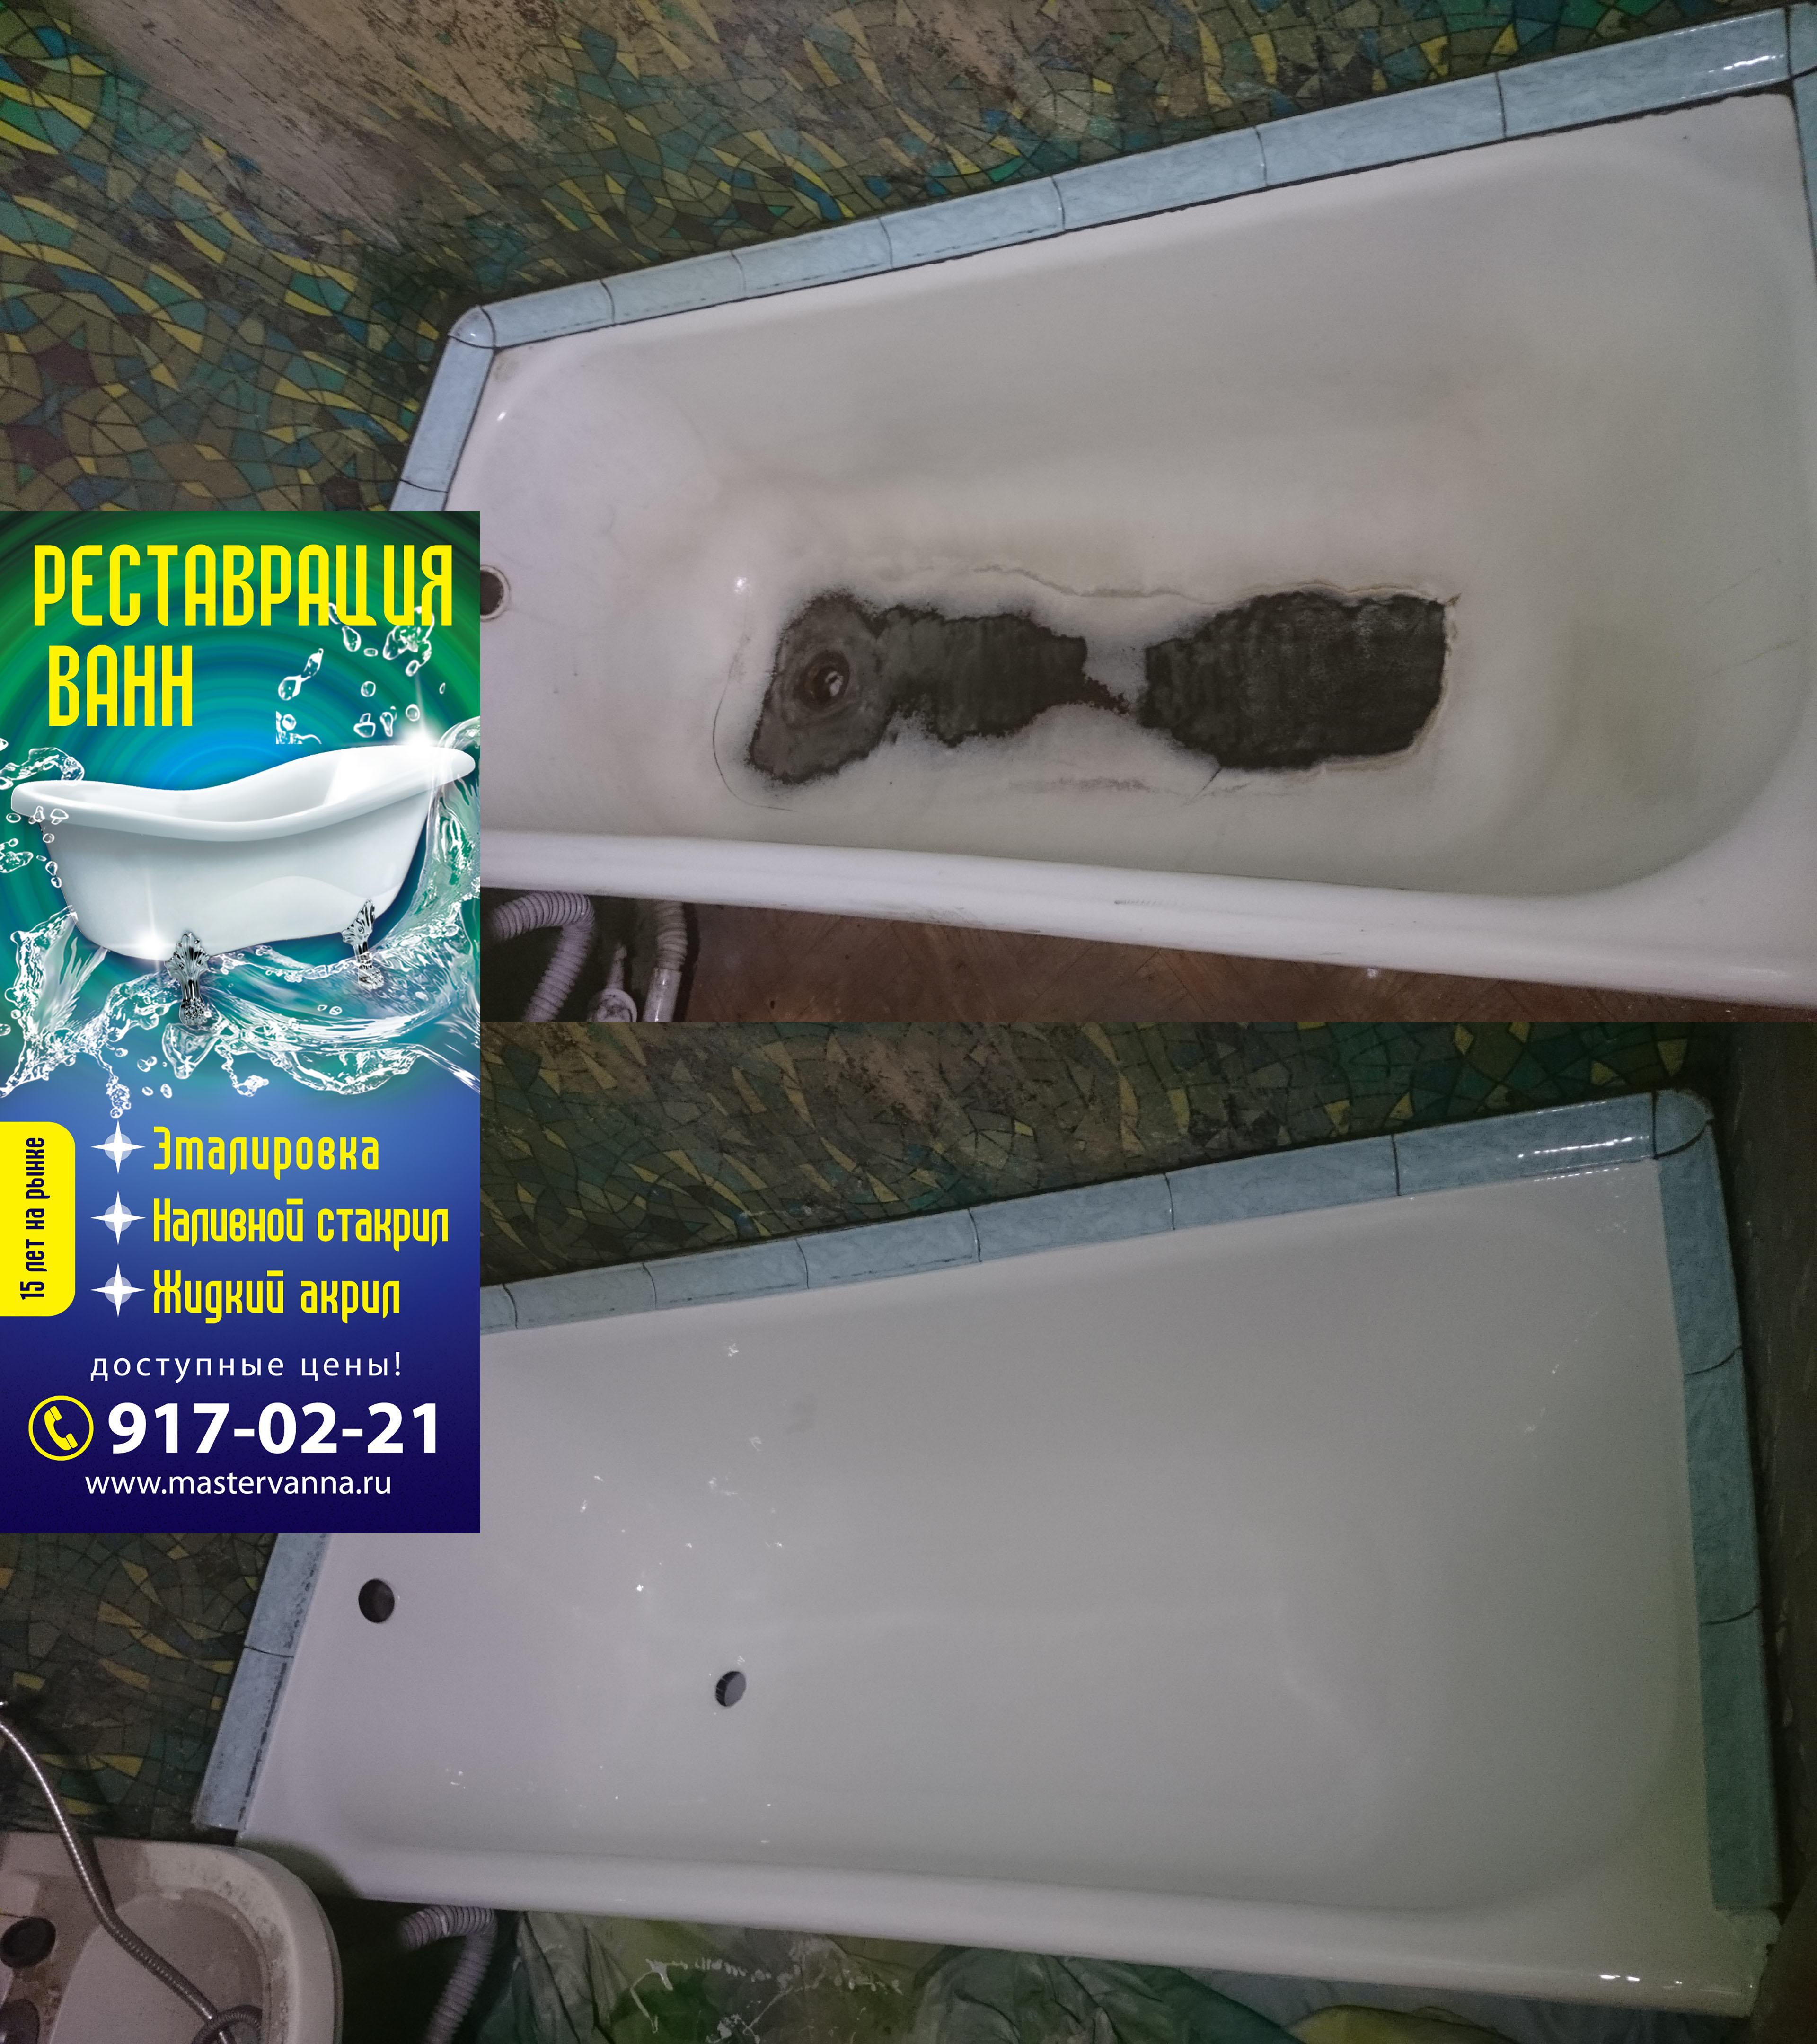 Наливной акрил в Петергофе